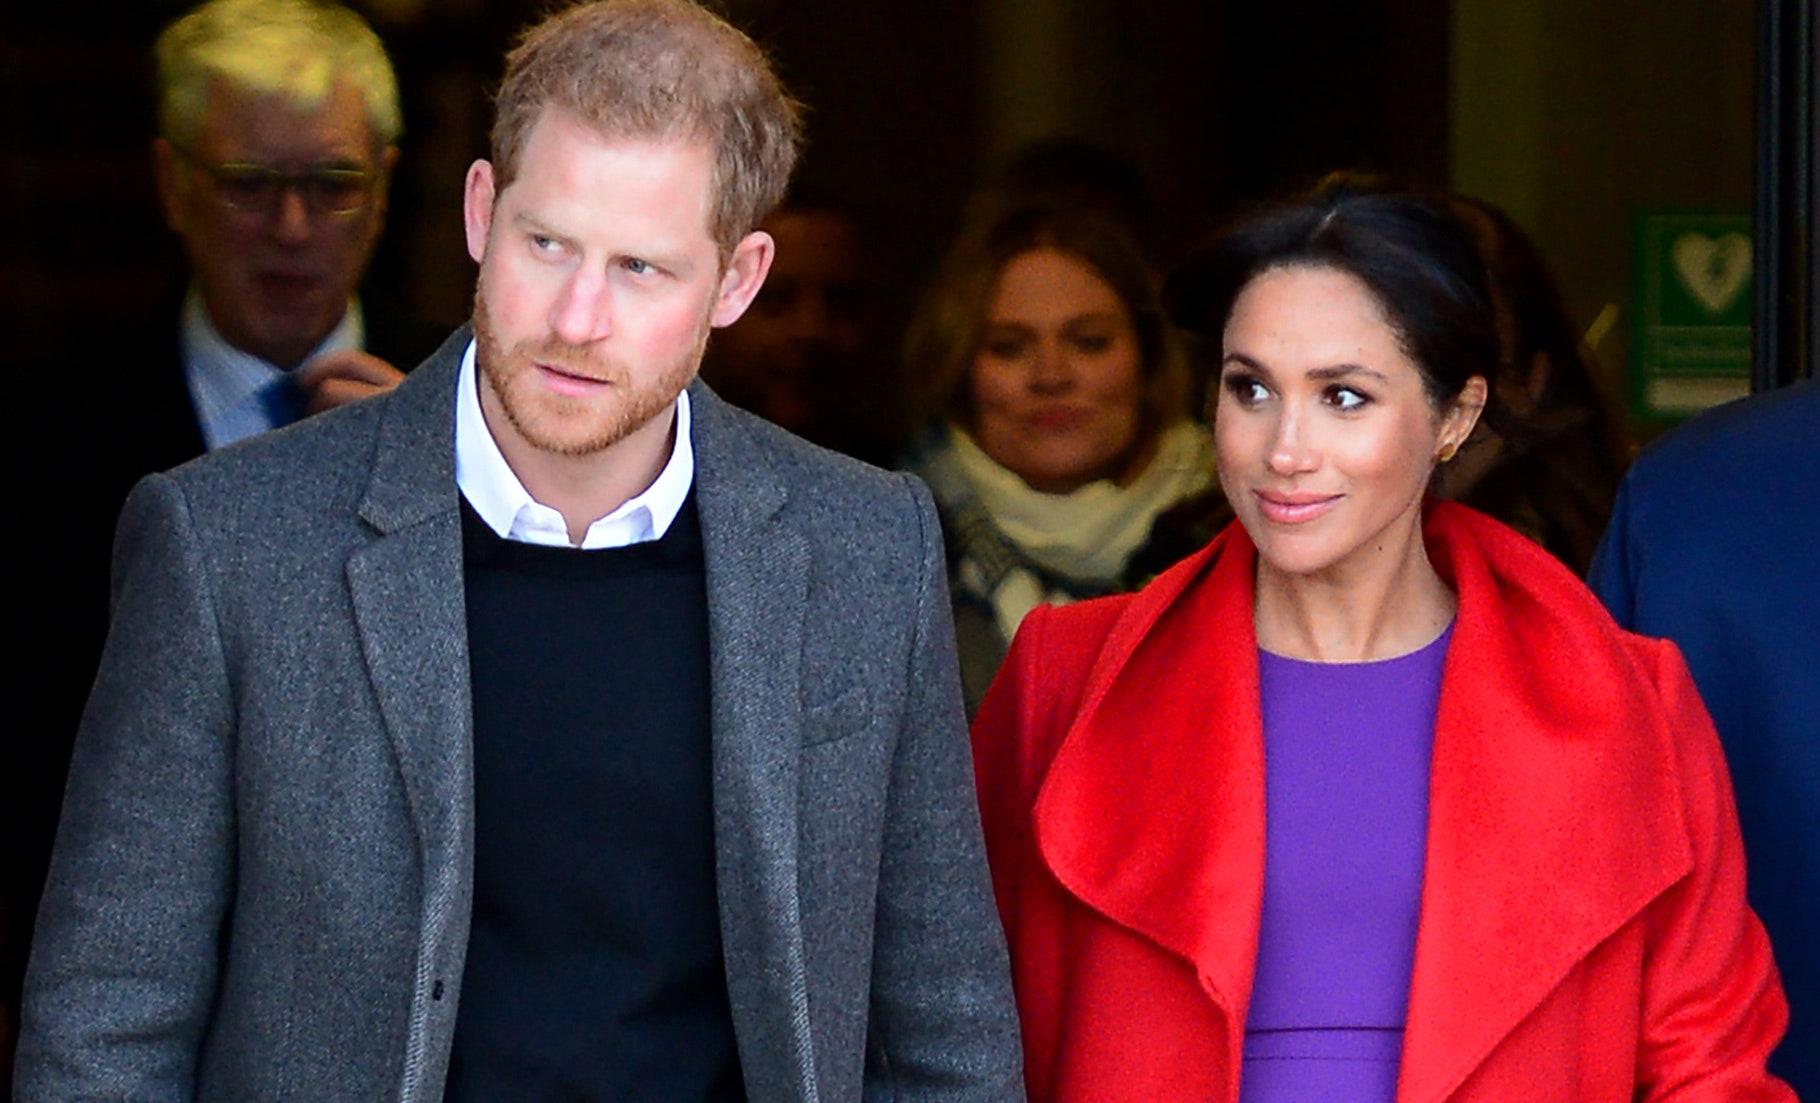 Meghan Markle y el príncipe Harry darán exclusiva entrevista en televisión a Oprah Winfrey